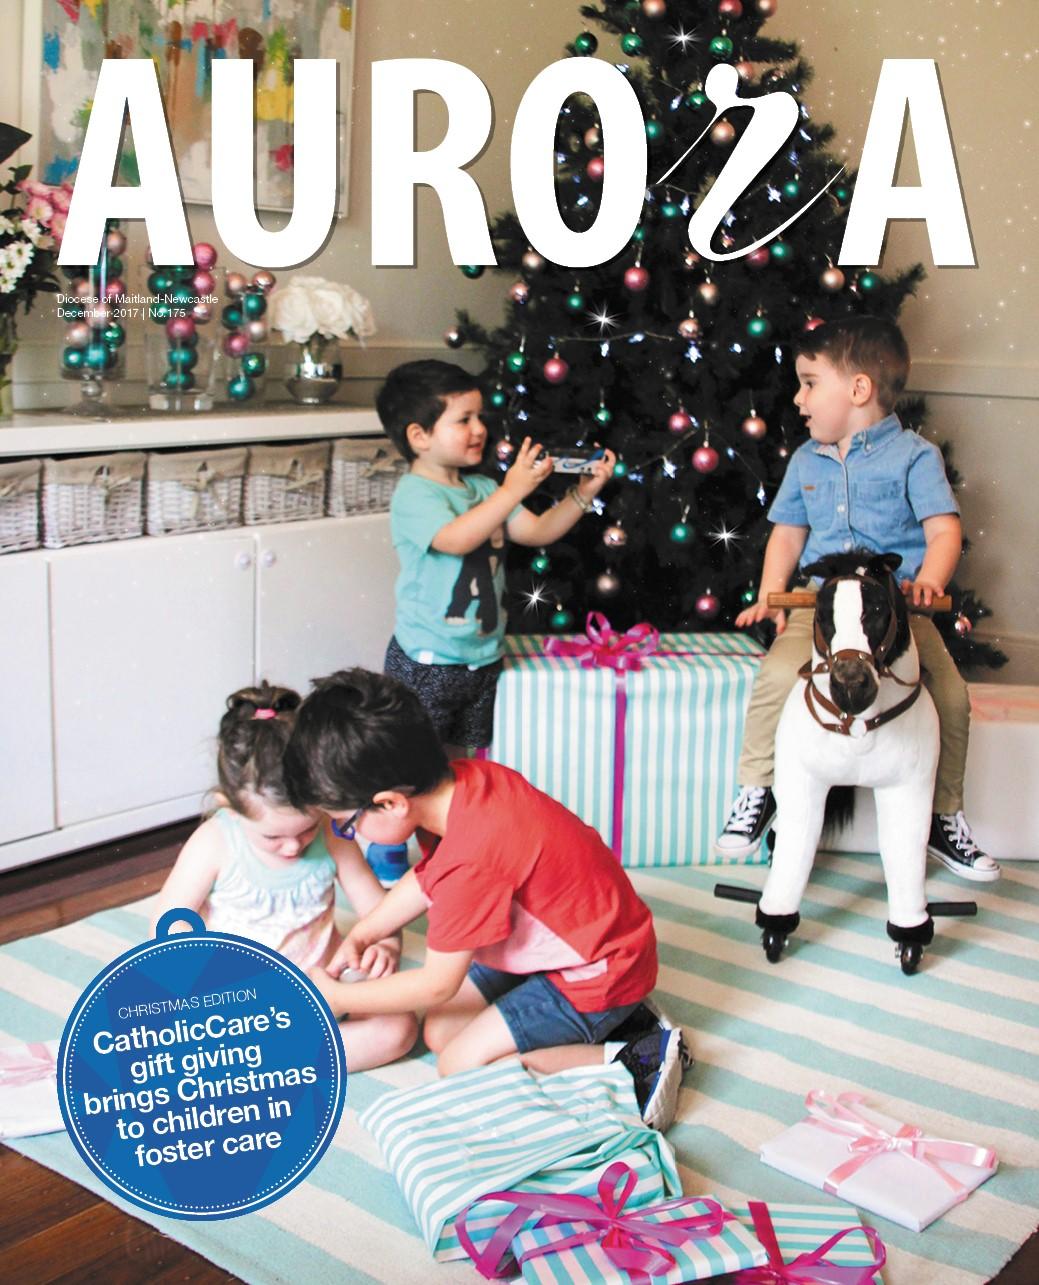 Aurora December 2017 Cover Image